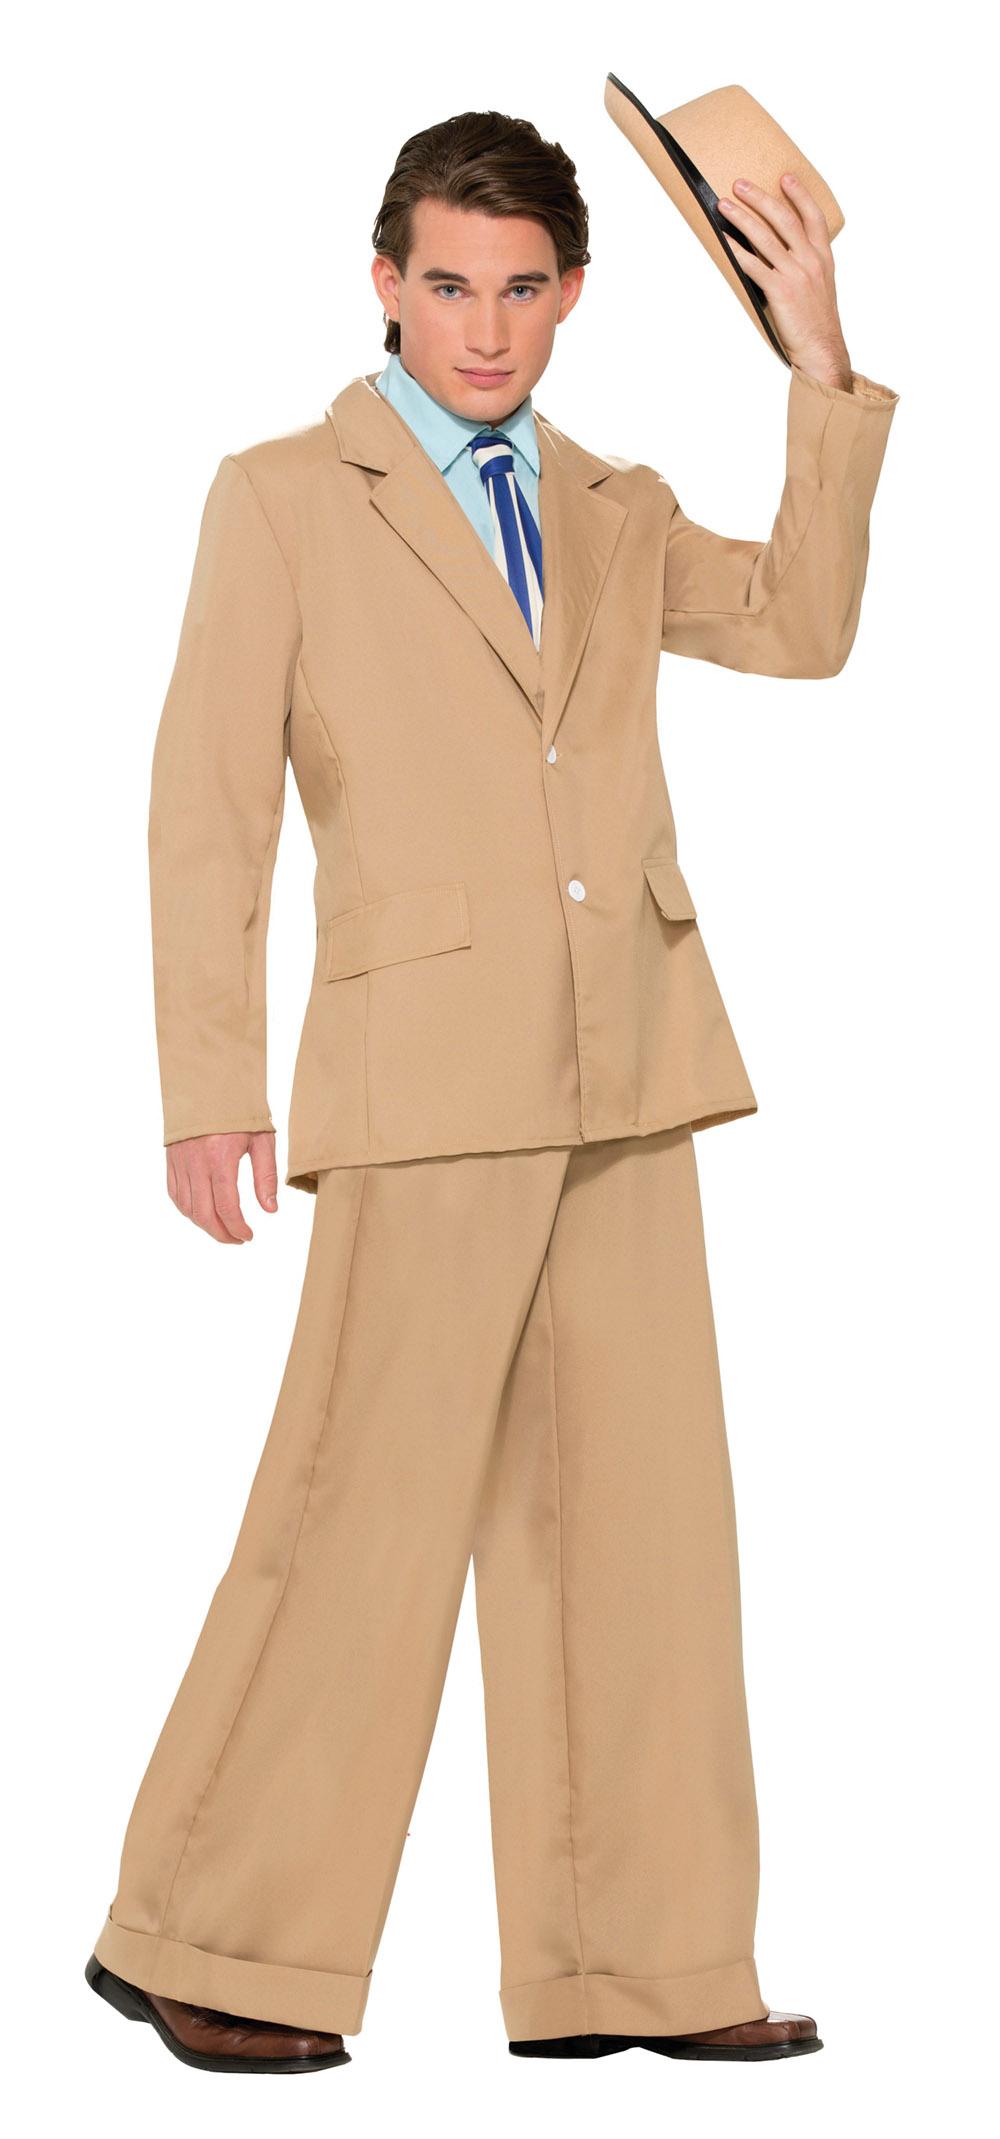 sc 1 st  Wonderland Party & Adult Gold Coast Gentleman (20s Suit) Costume